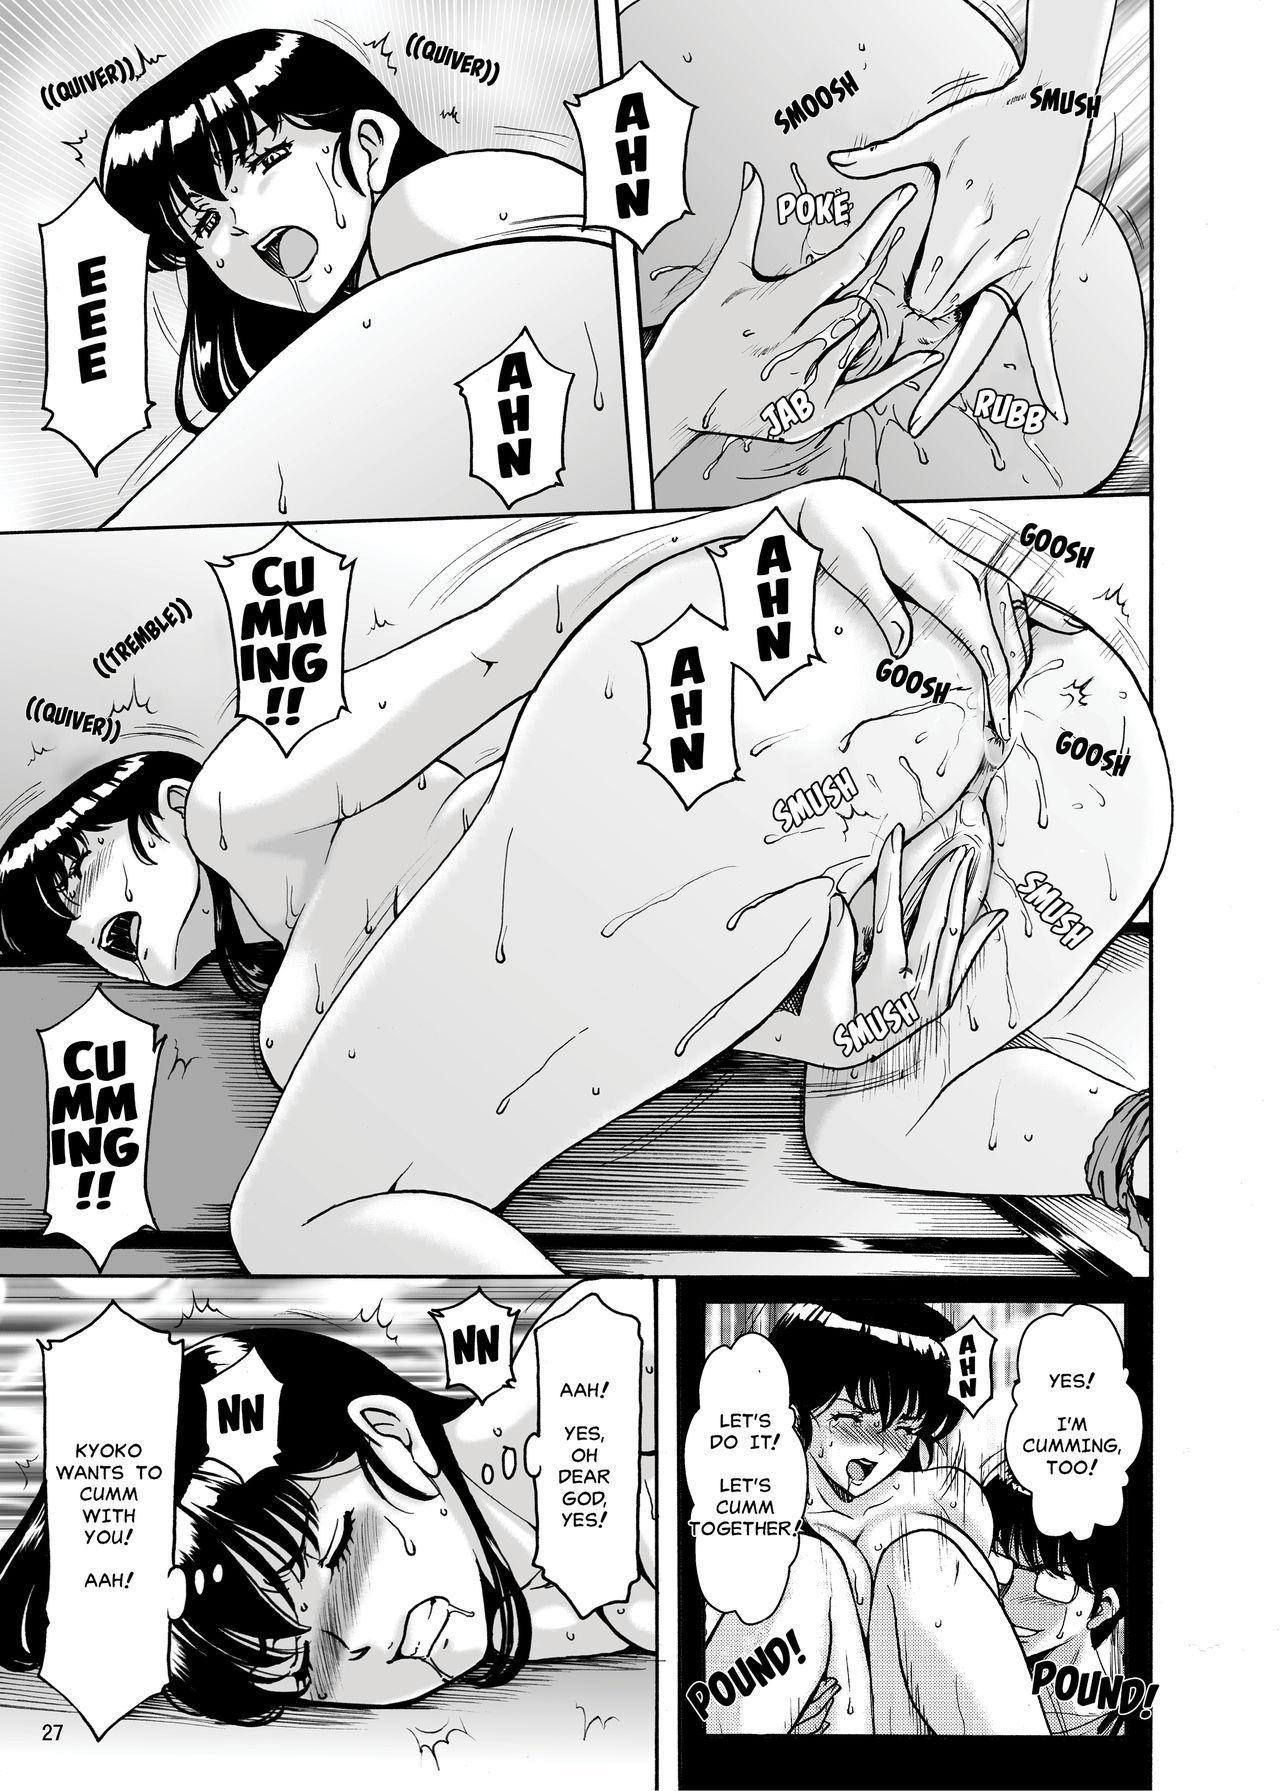 Hitozuma Kanrinin Kyouko 7 Juujun Hen 2 25